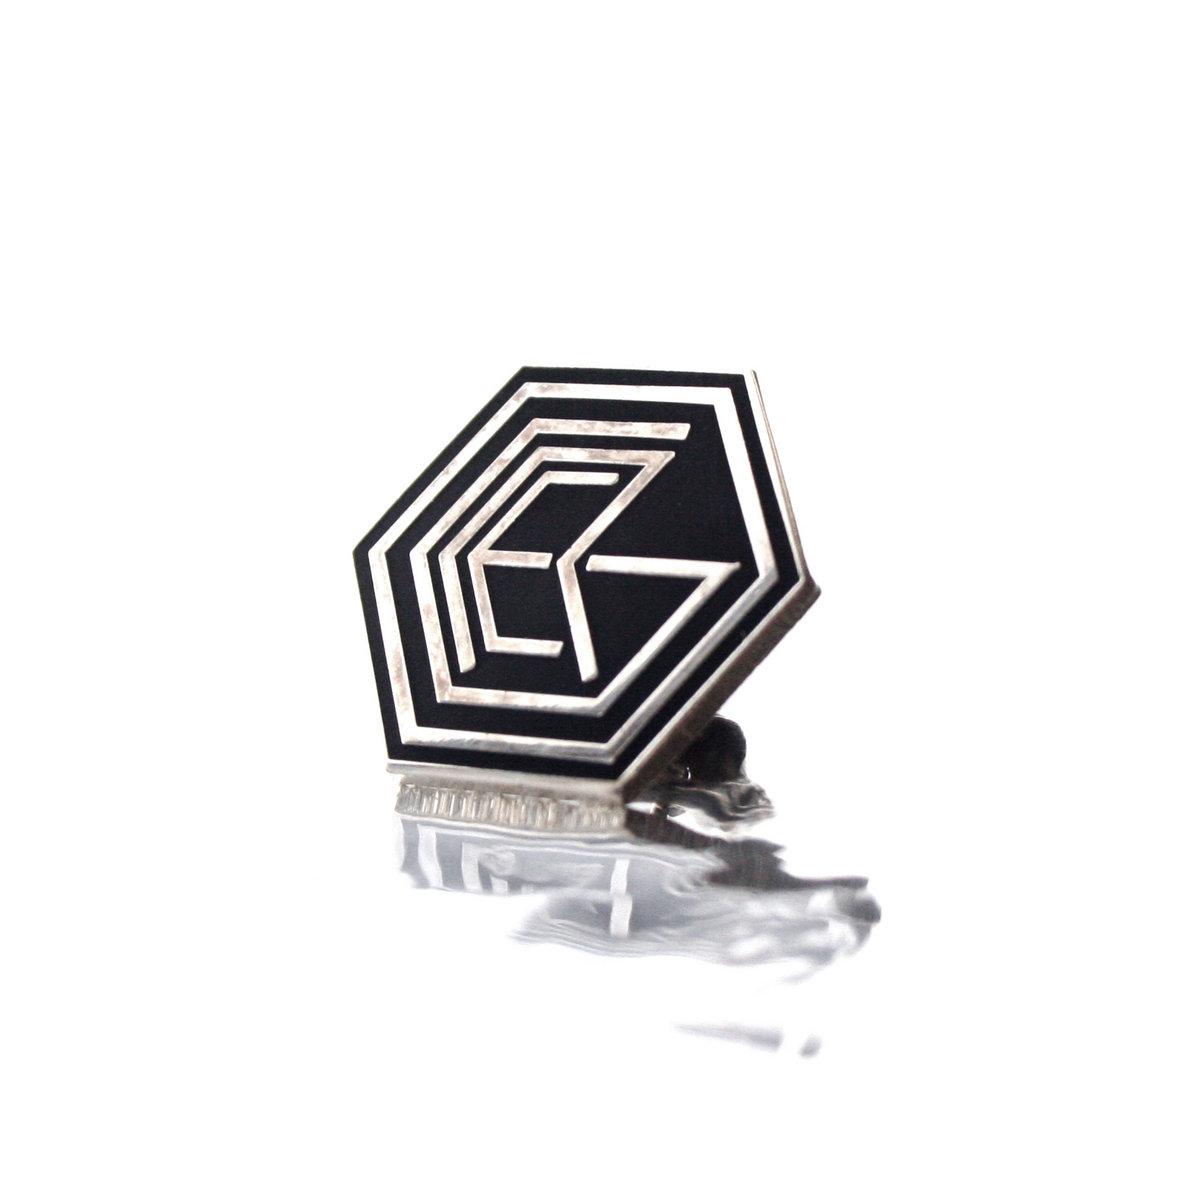 OGRE Ident - Hard Enamel Pin | OGRE